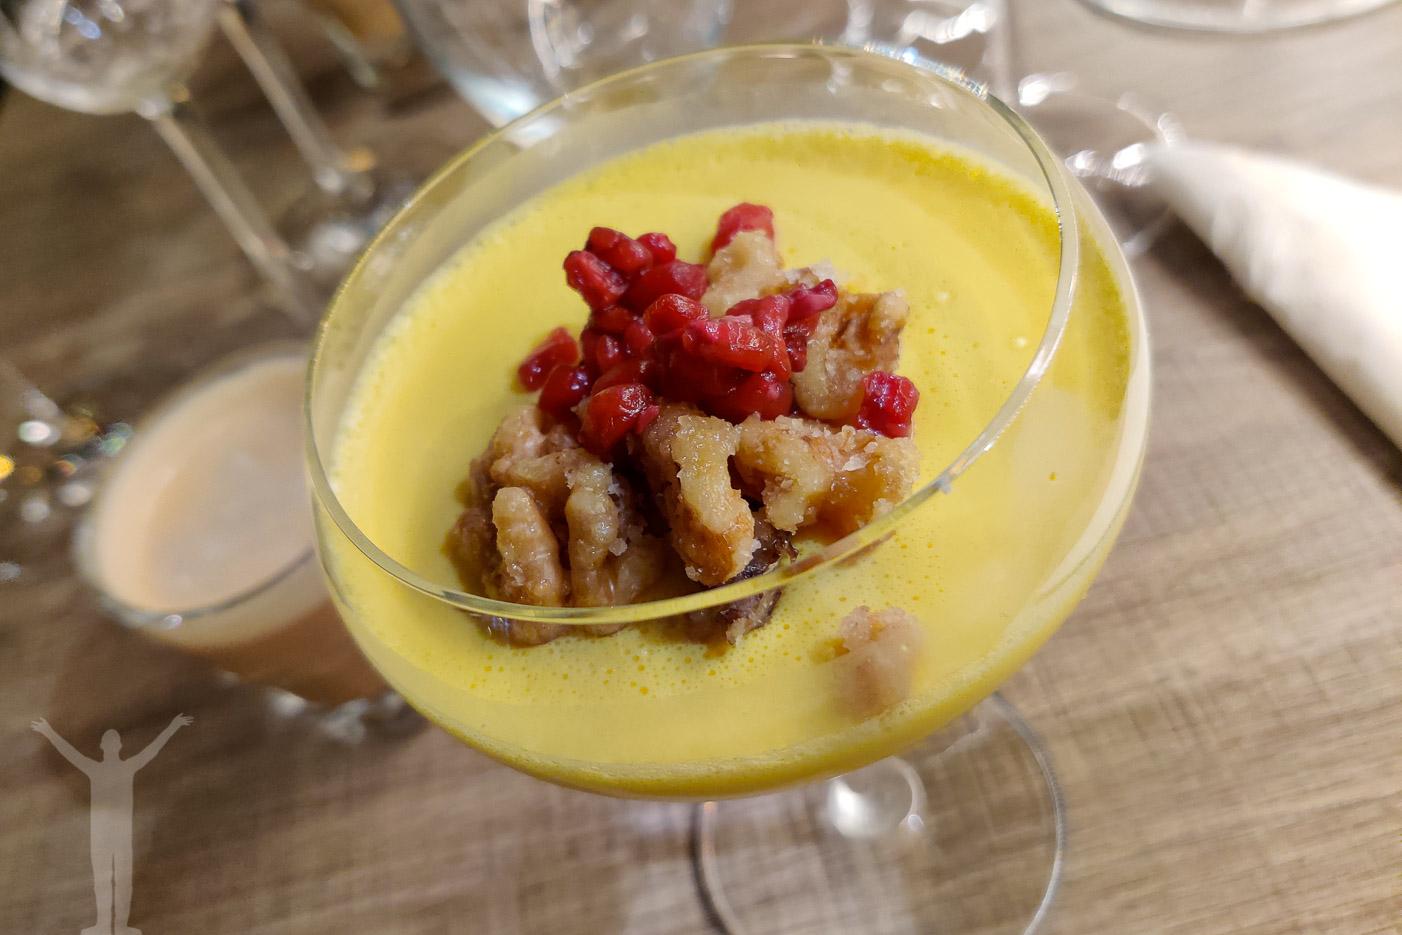 Avslutningen på ett alternativt julbord! Saffrans-pannacotta toppad med kanderade nötter, stjörnanis glace & granatäpple